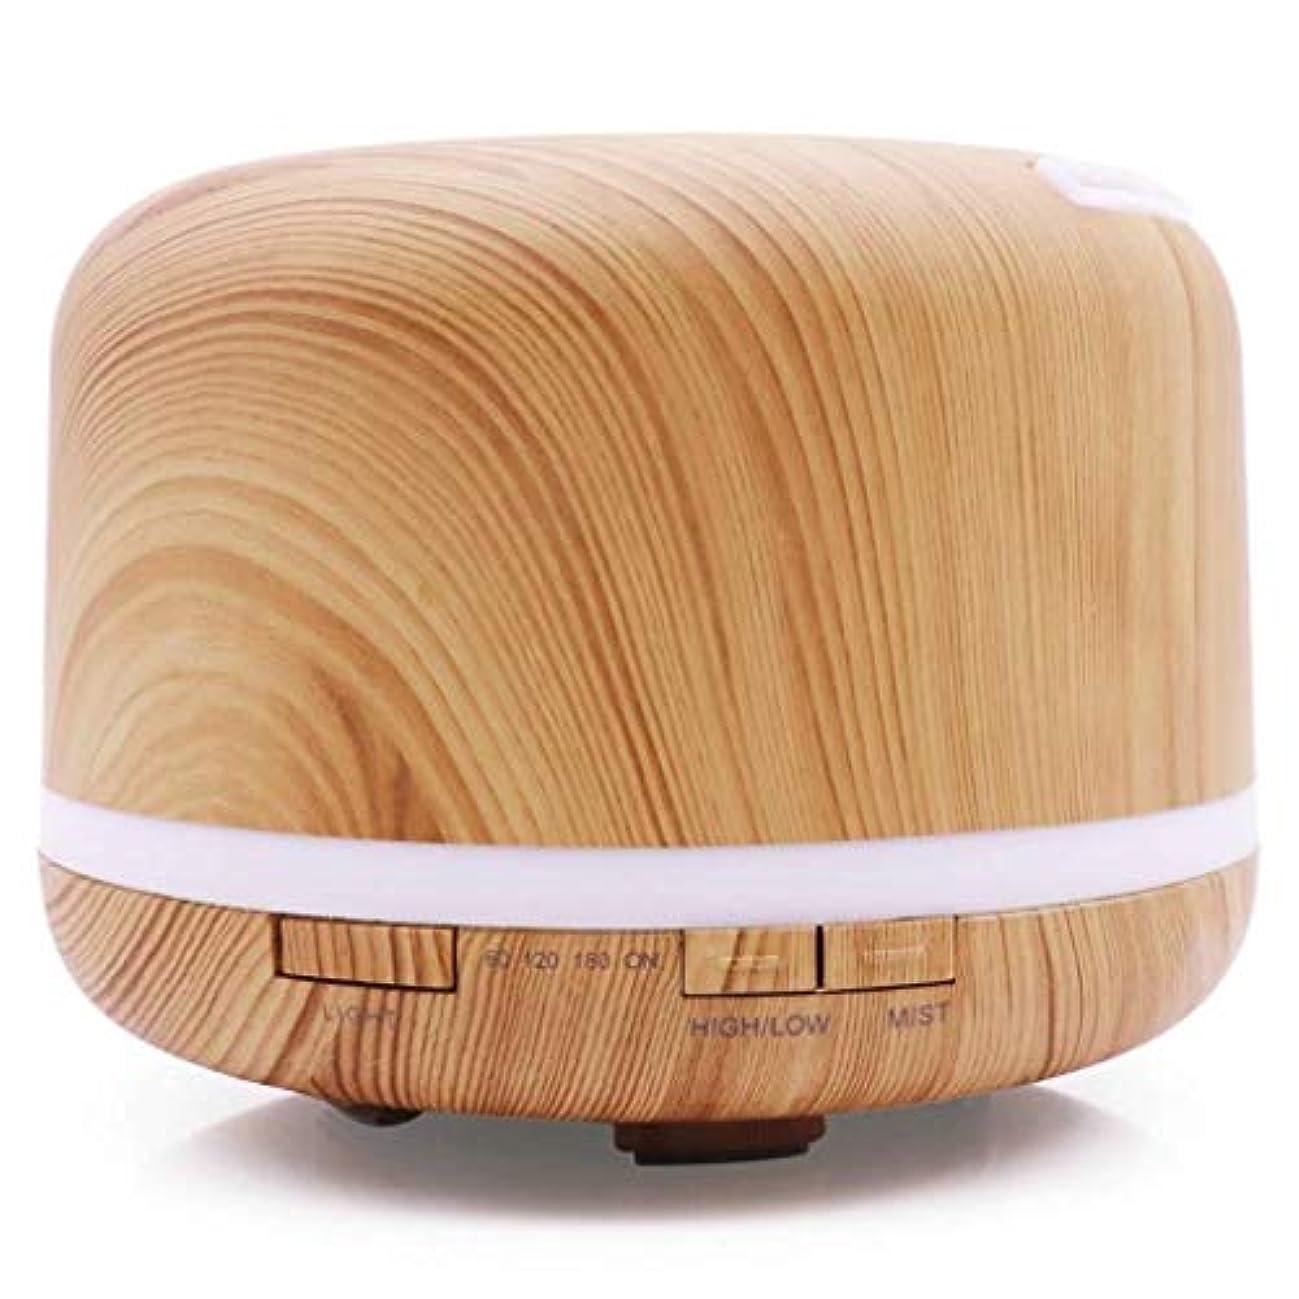 補充小学生控えめなアロマテラピーディフューザー、調整可能なミスト付き500ml超音波エッセンシャルオイルディフューザー、自動シャットオフギフト付き女性用加湿器ディフューザー (Color : Wood Grain)